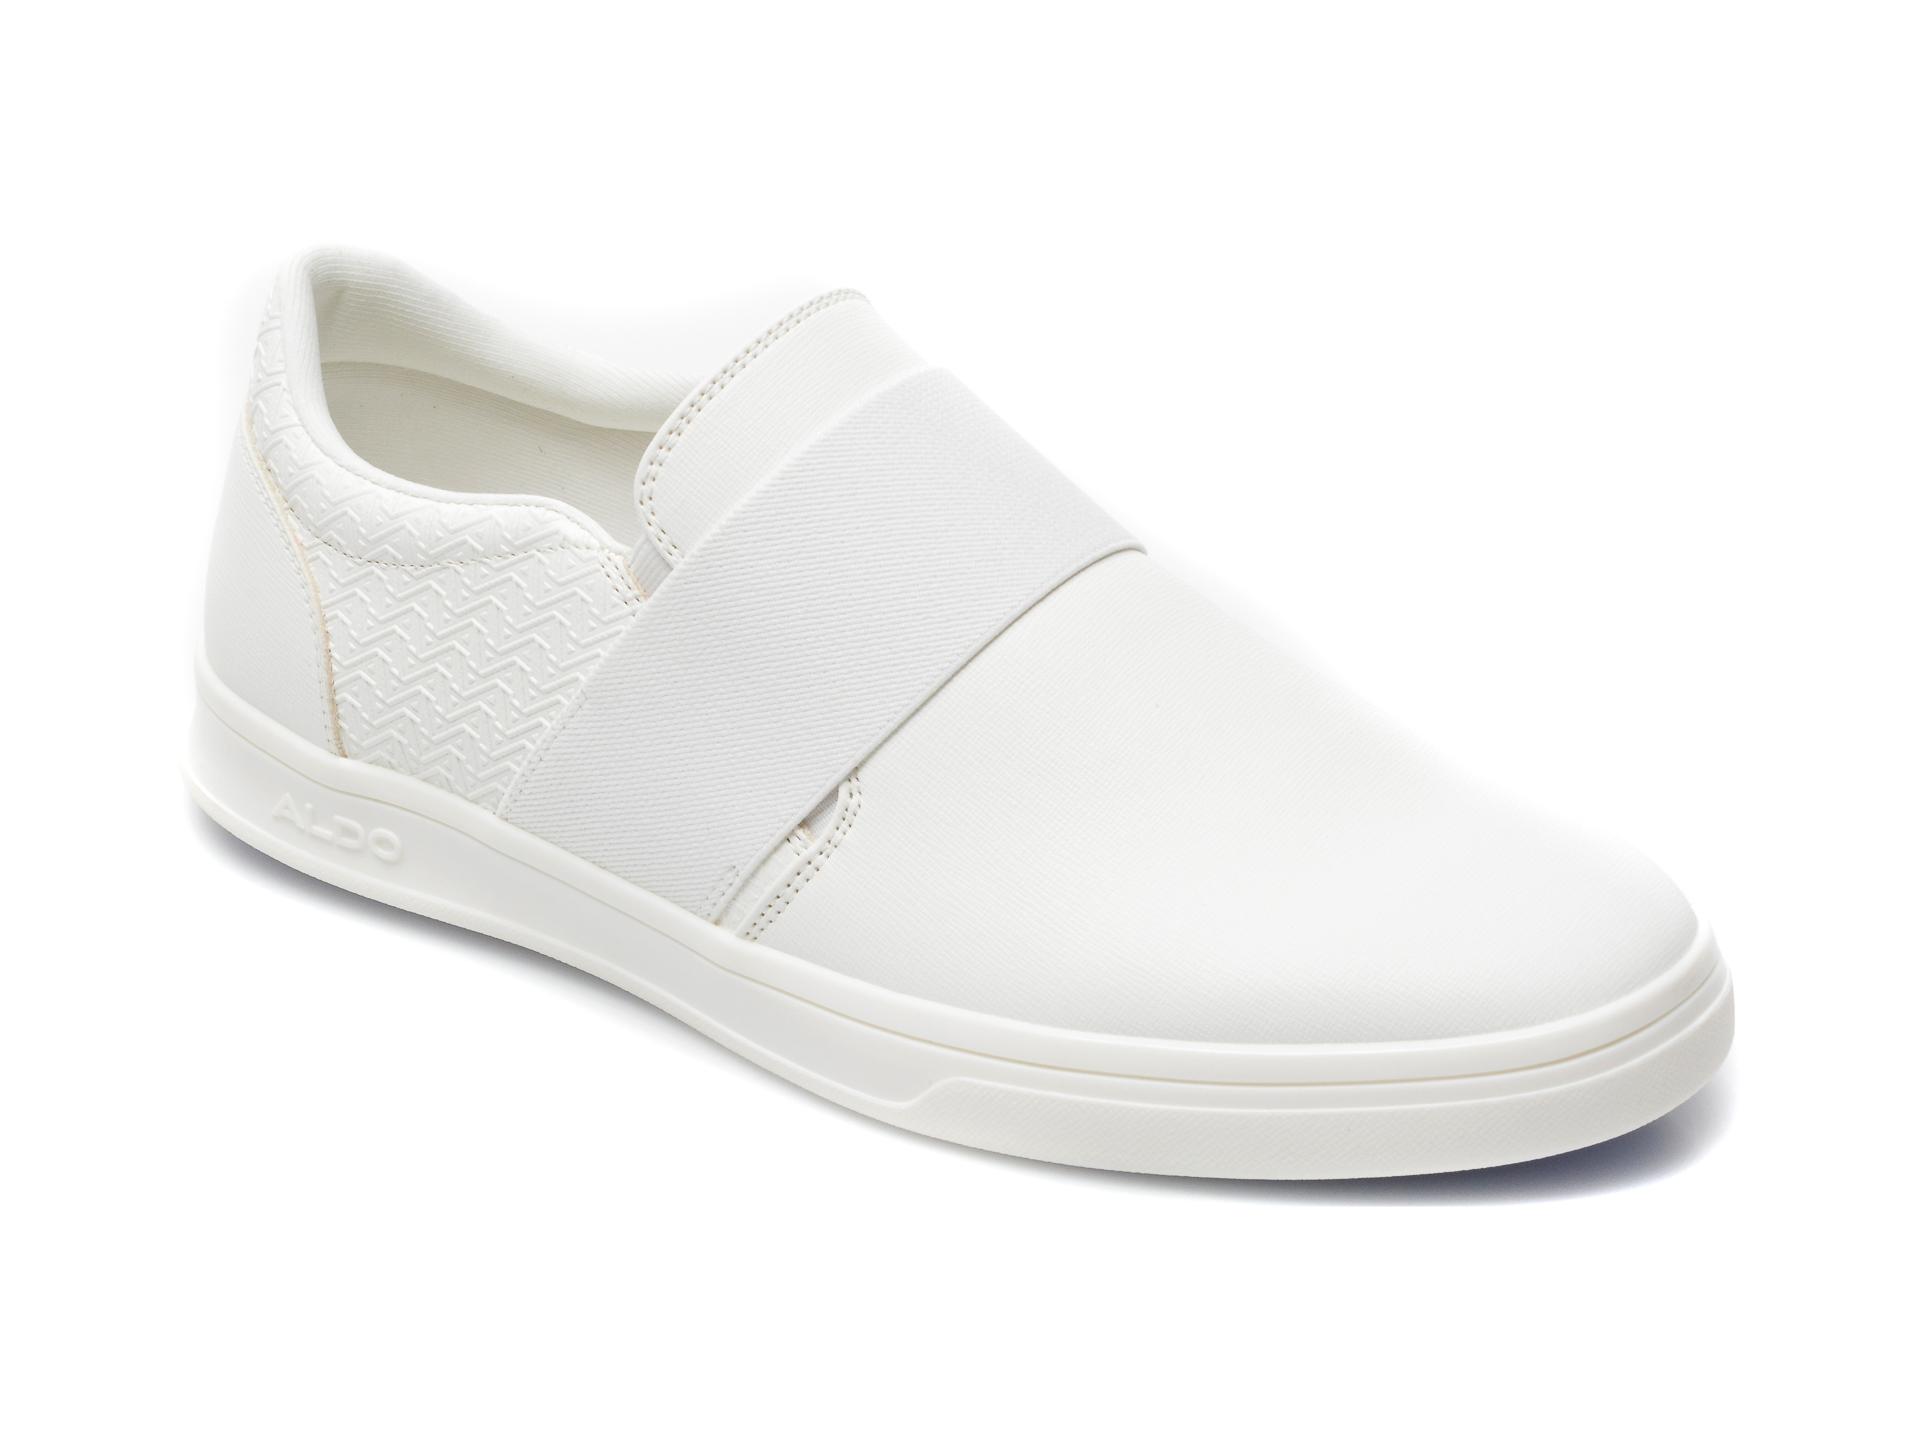 Pantofi ALDO albi, Bellefair100, din piele ecologica